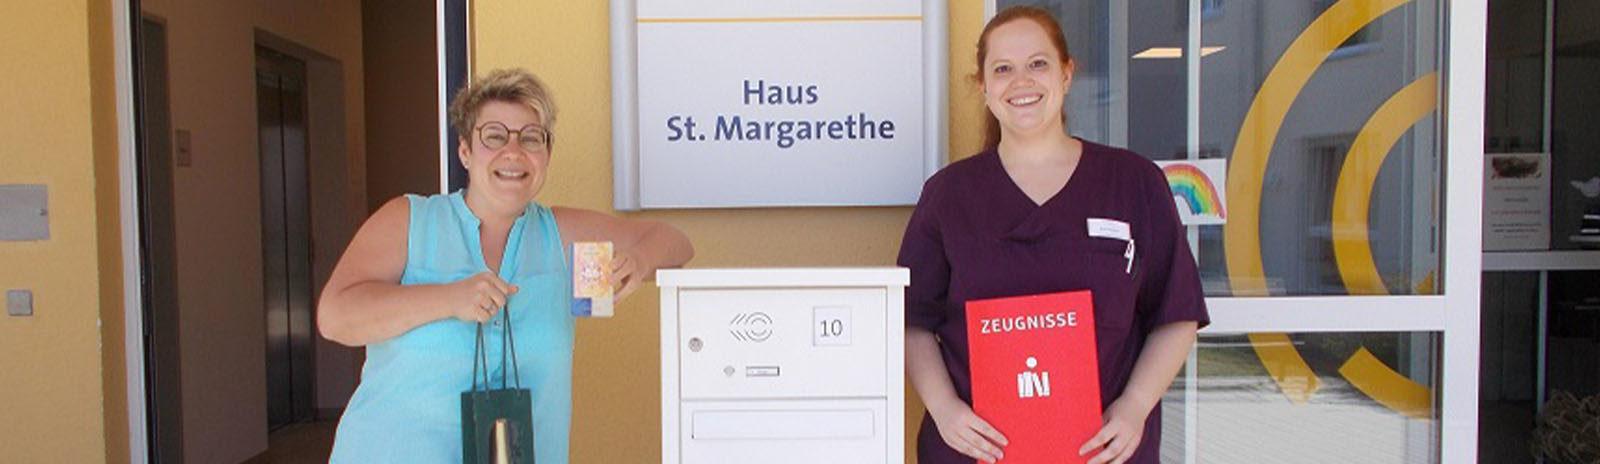 Haus_St_Margarethe_PDL_Ausbildung_slider